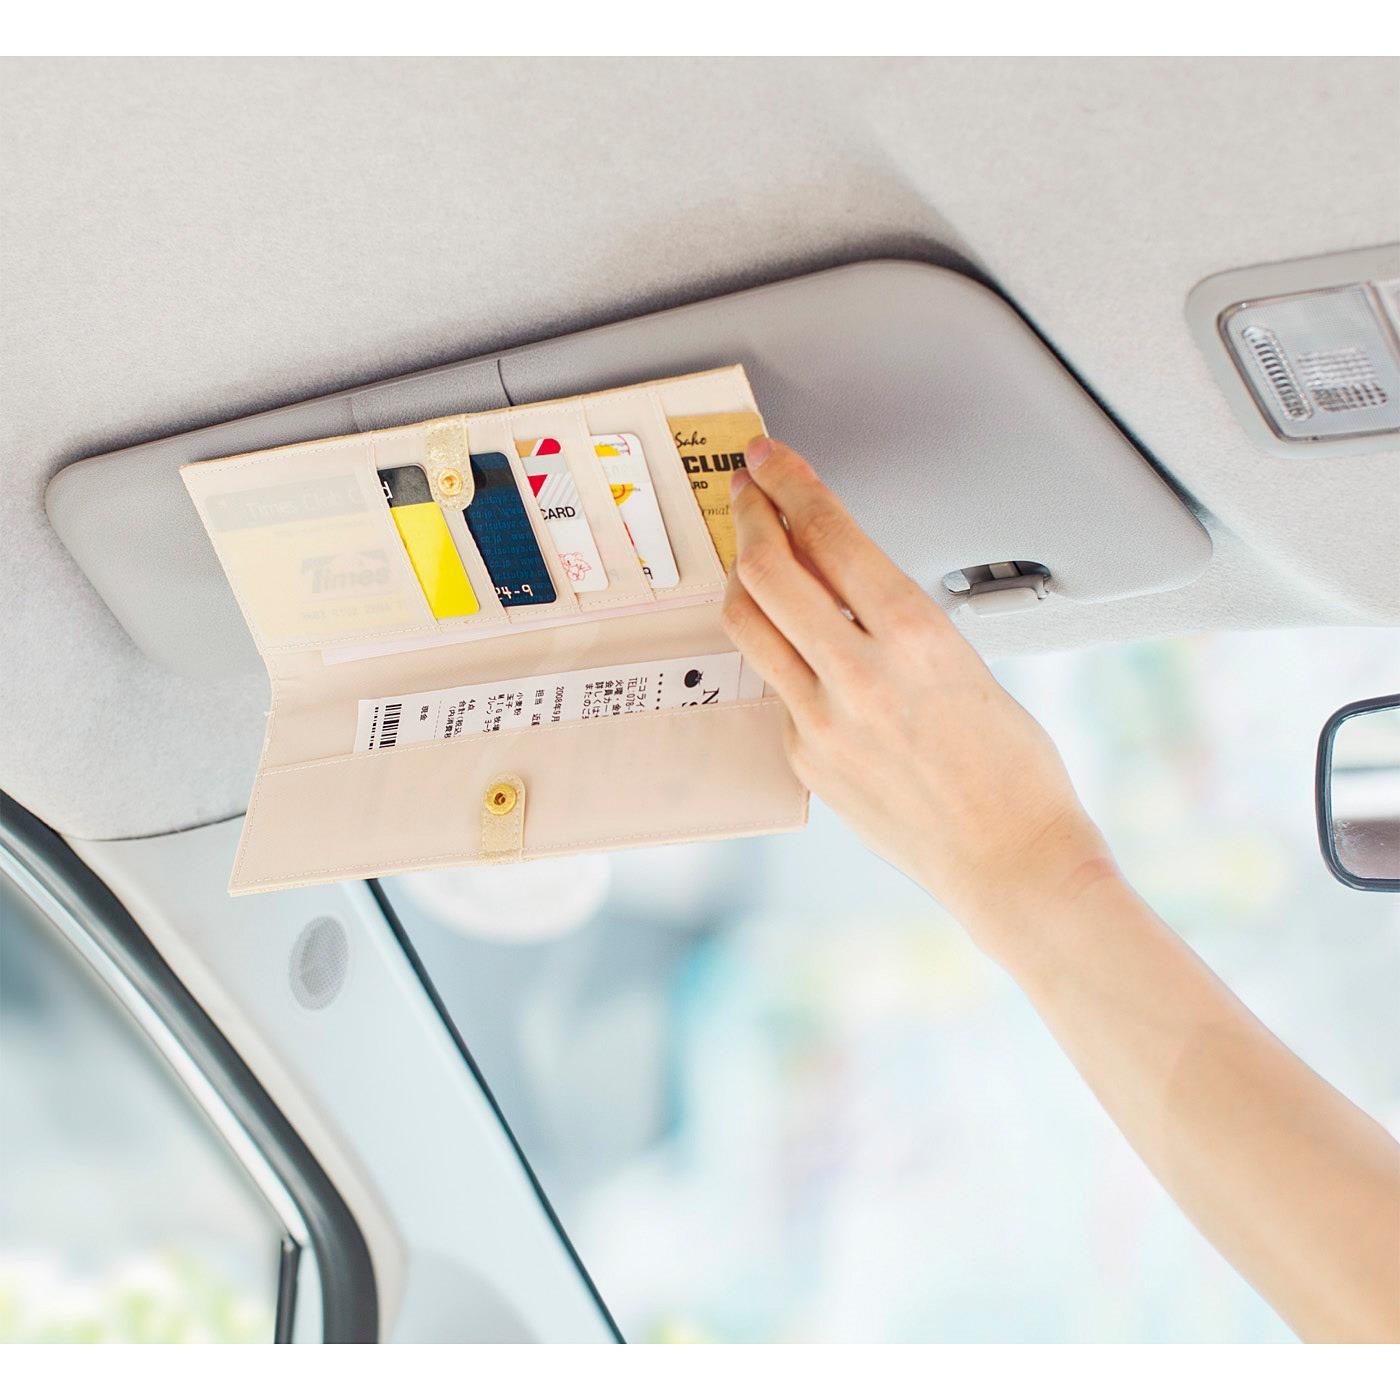 クリップでカードベルトへ取り付けられます。 ※安全のため助手席で使用してください。